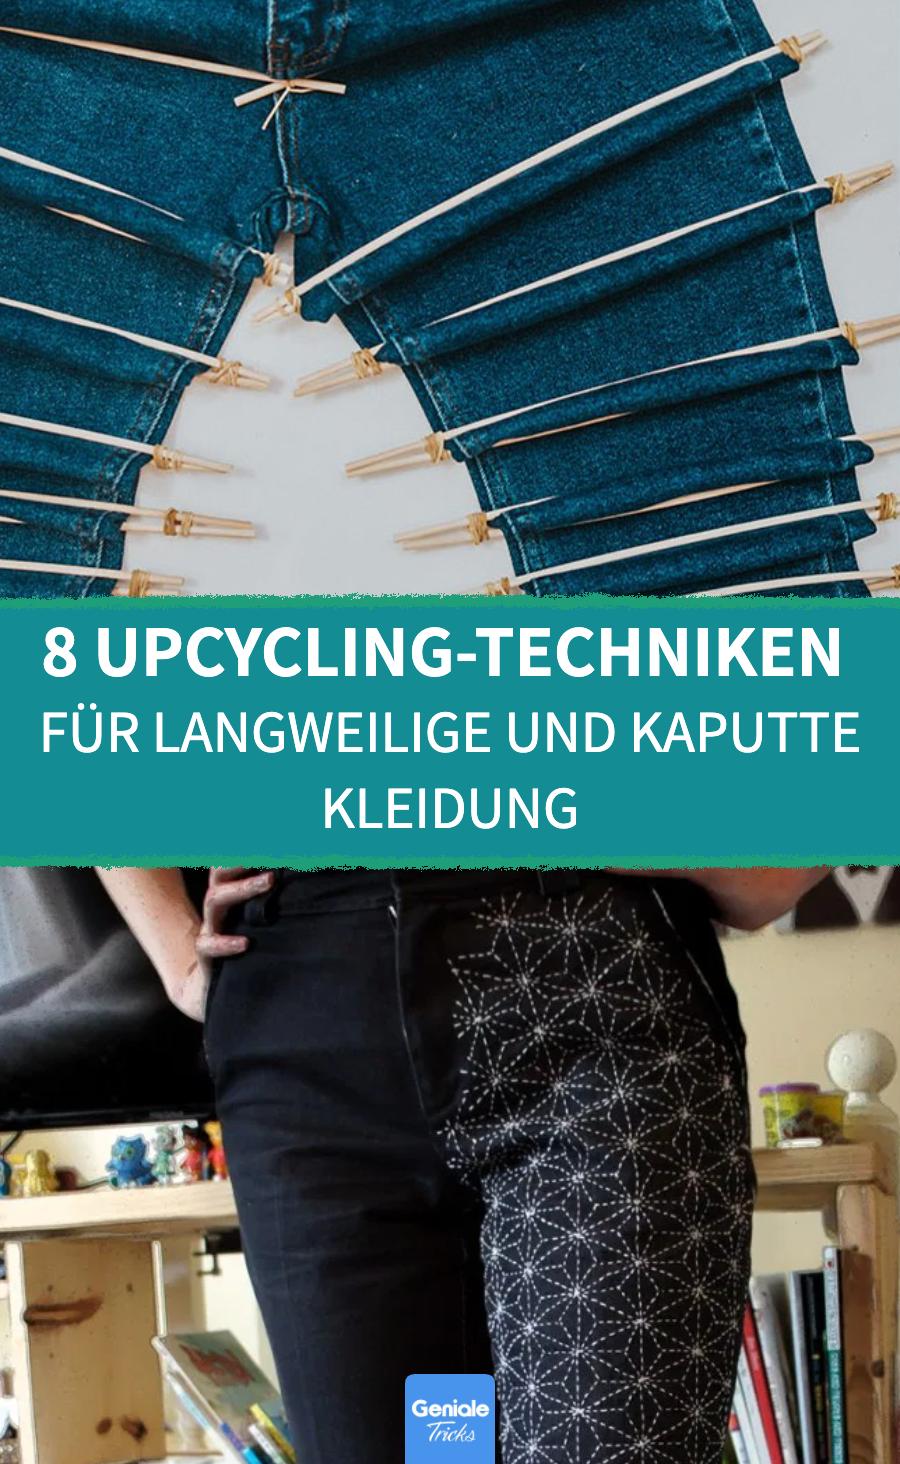 8 Upcycling-Ideen, die alte Kleidung besser als neu machen